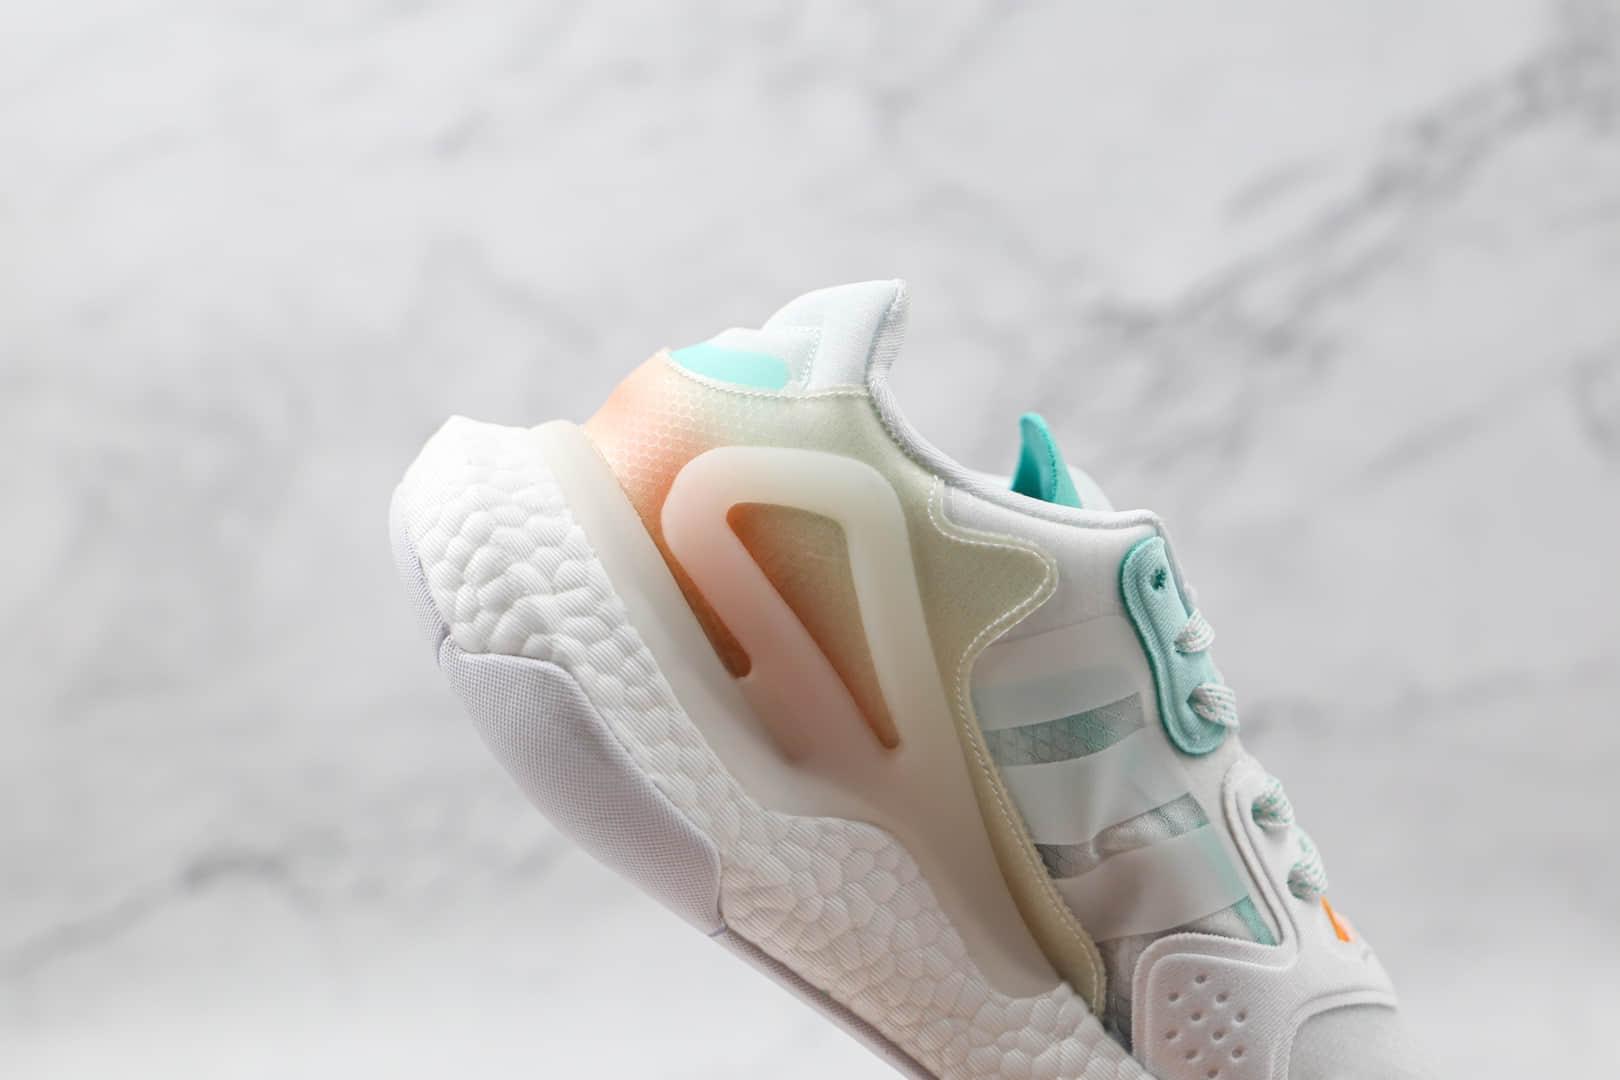 阿迪达斯Adidas Day Jogger 2021 Boost纯原版本夜行者二代网面白绿粉渐变色爆米花跑鞋原盒原标 货号:GW4910